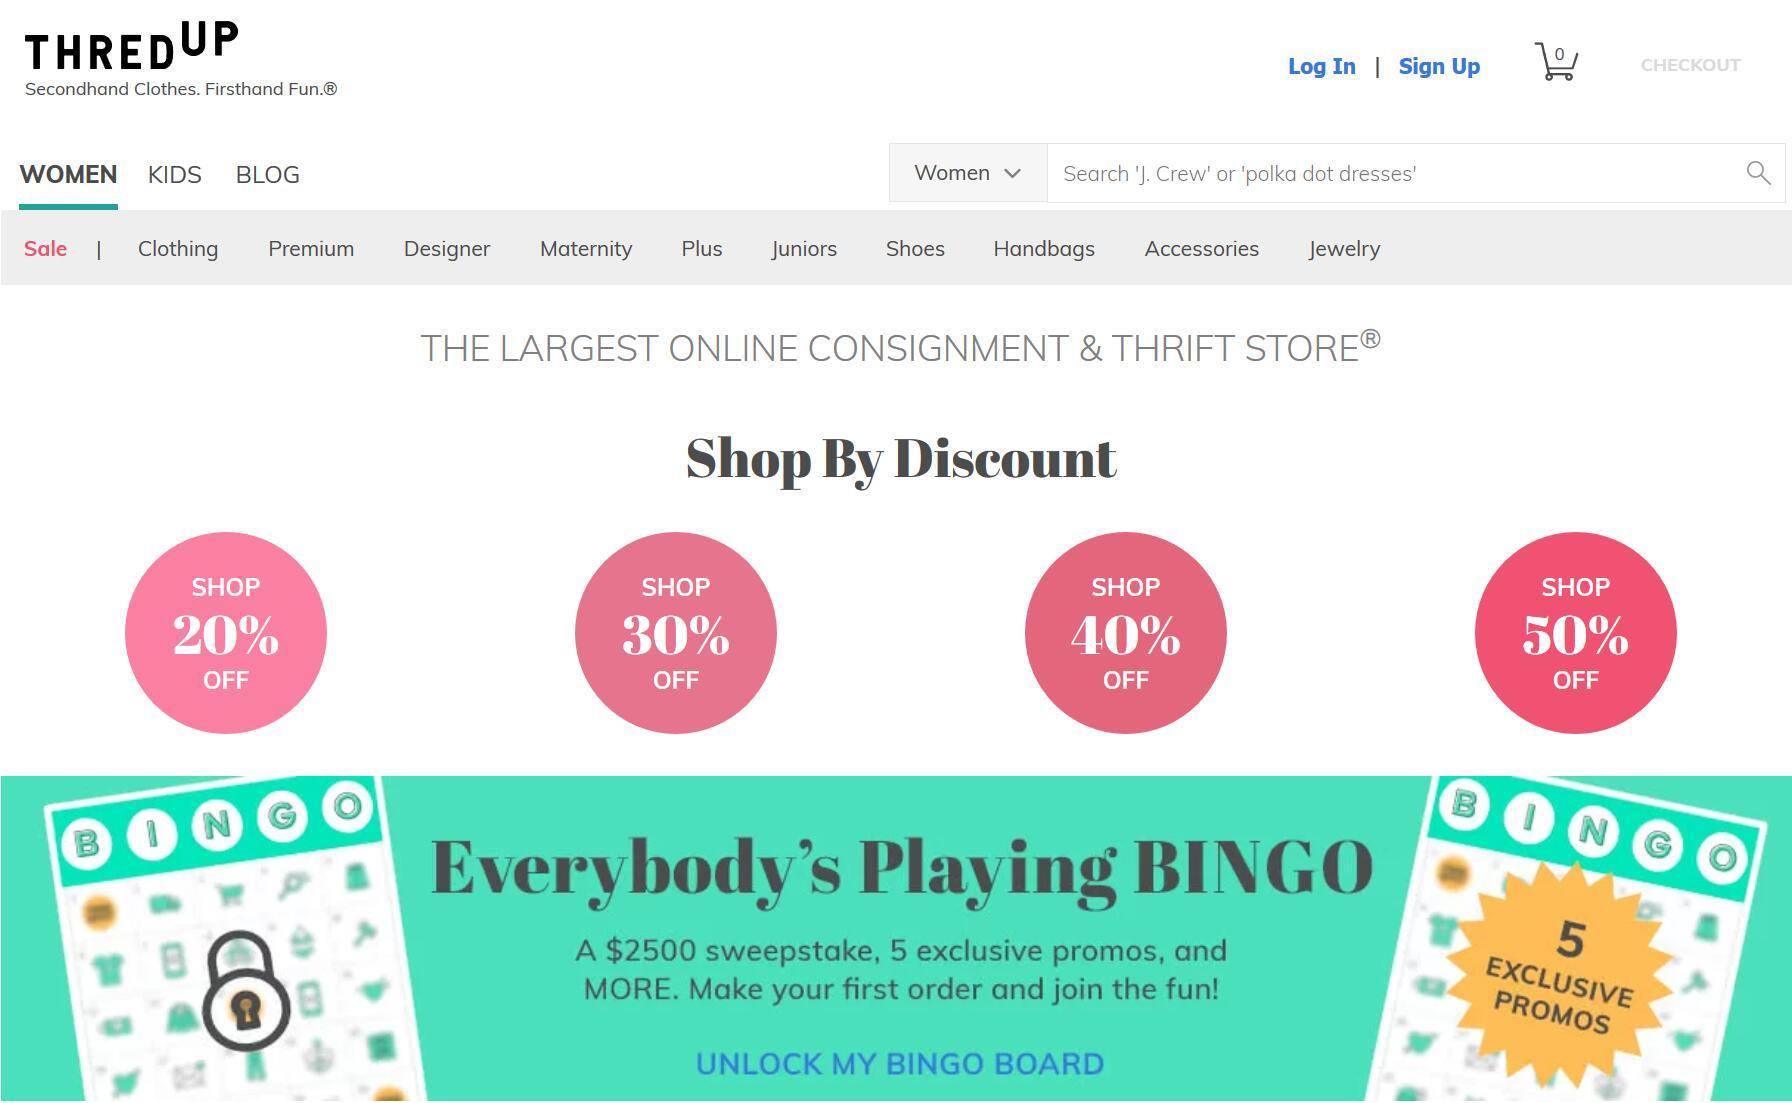 二手服装寄售电商 thredUP 融资1.75亿美元,与梅西百货等传统零售商达成合作